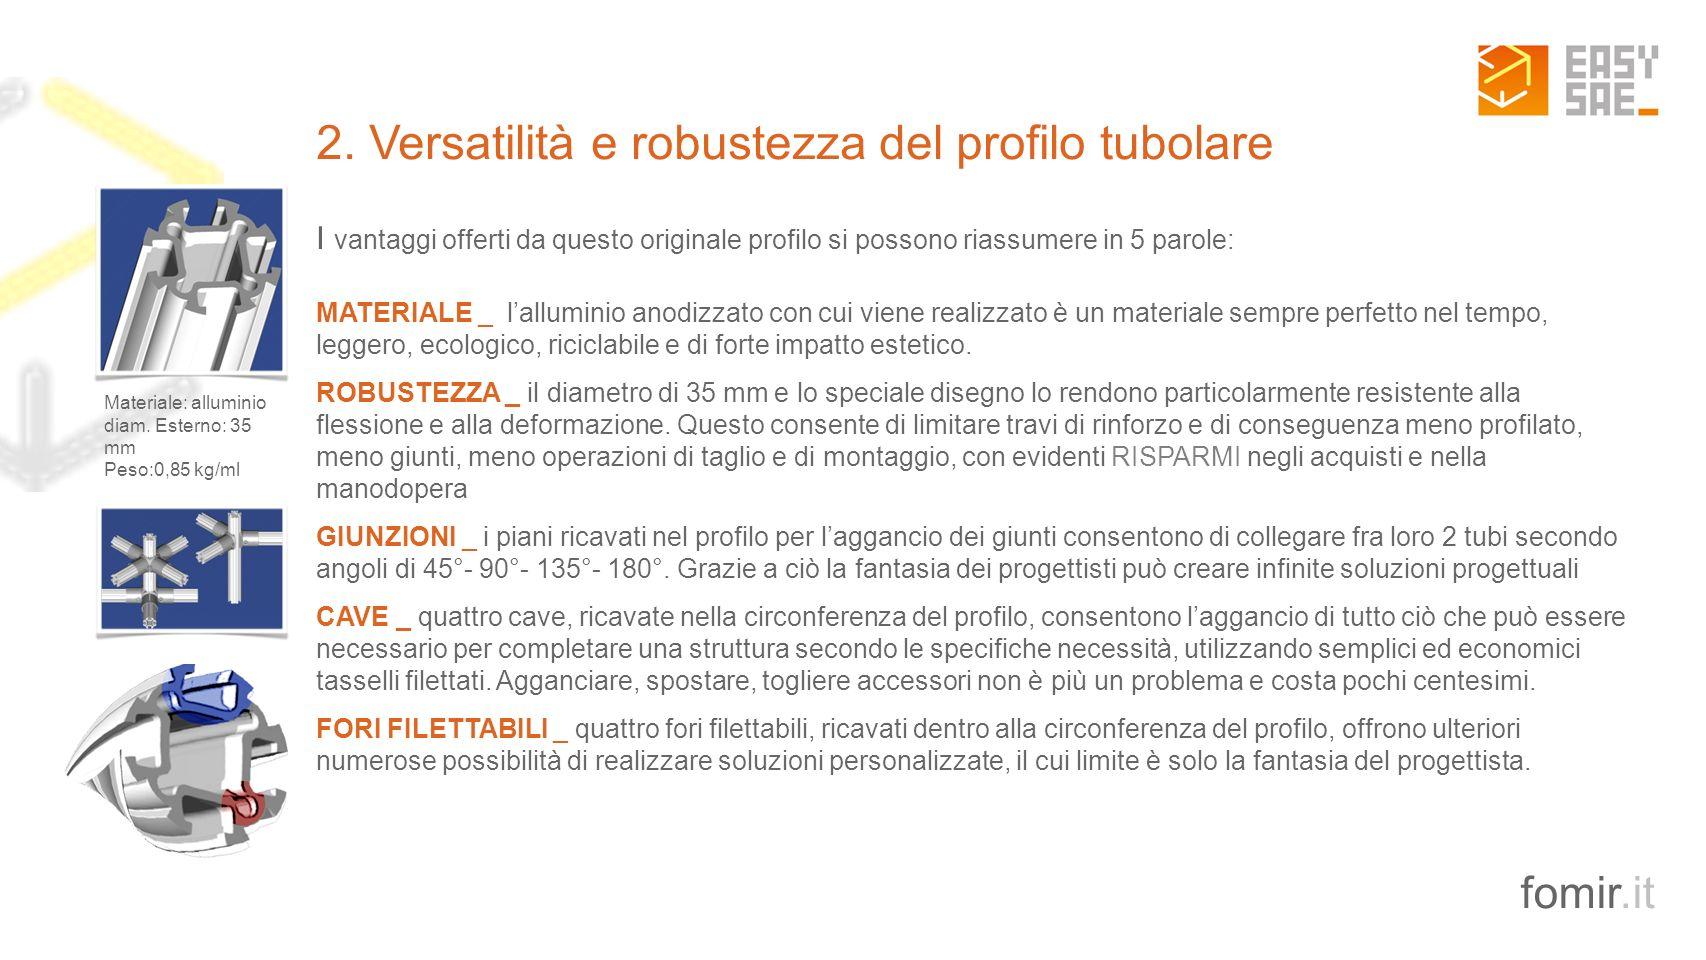 2. Versatilità e robustezza del profilo tubolare